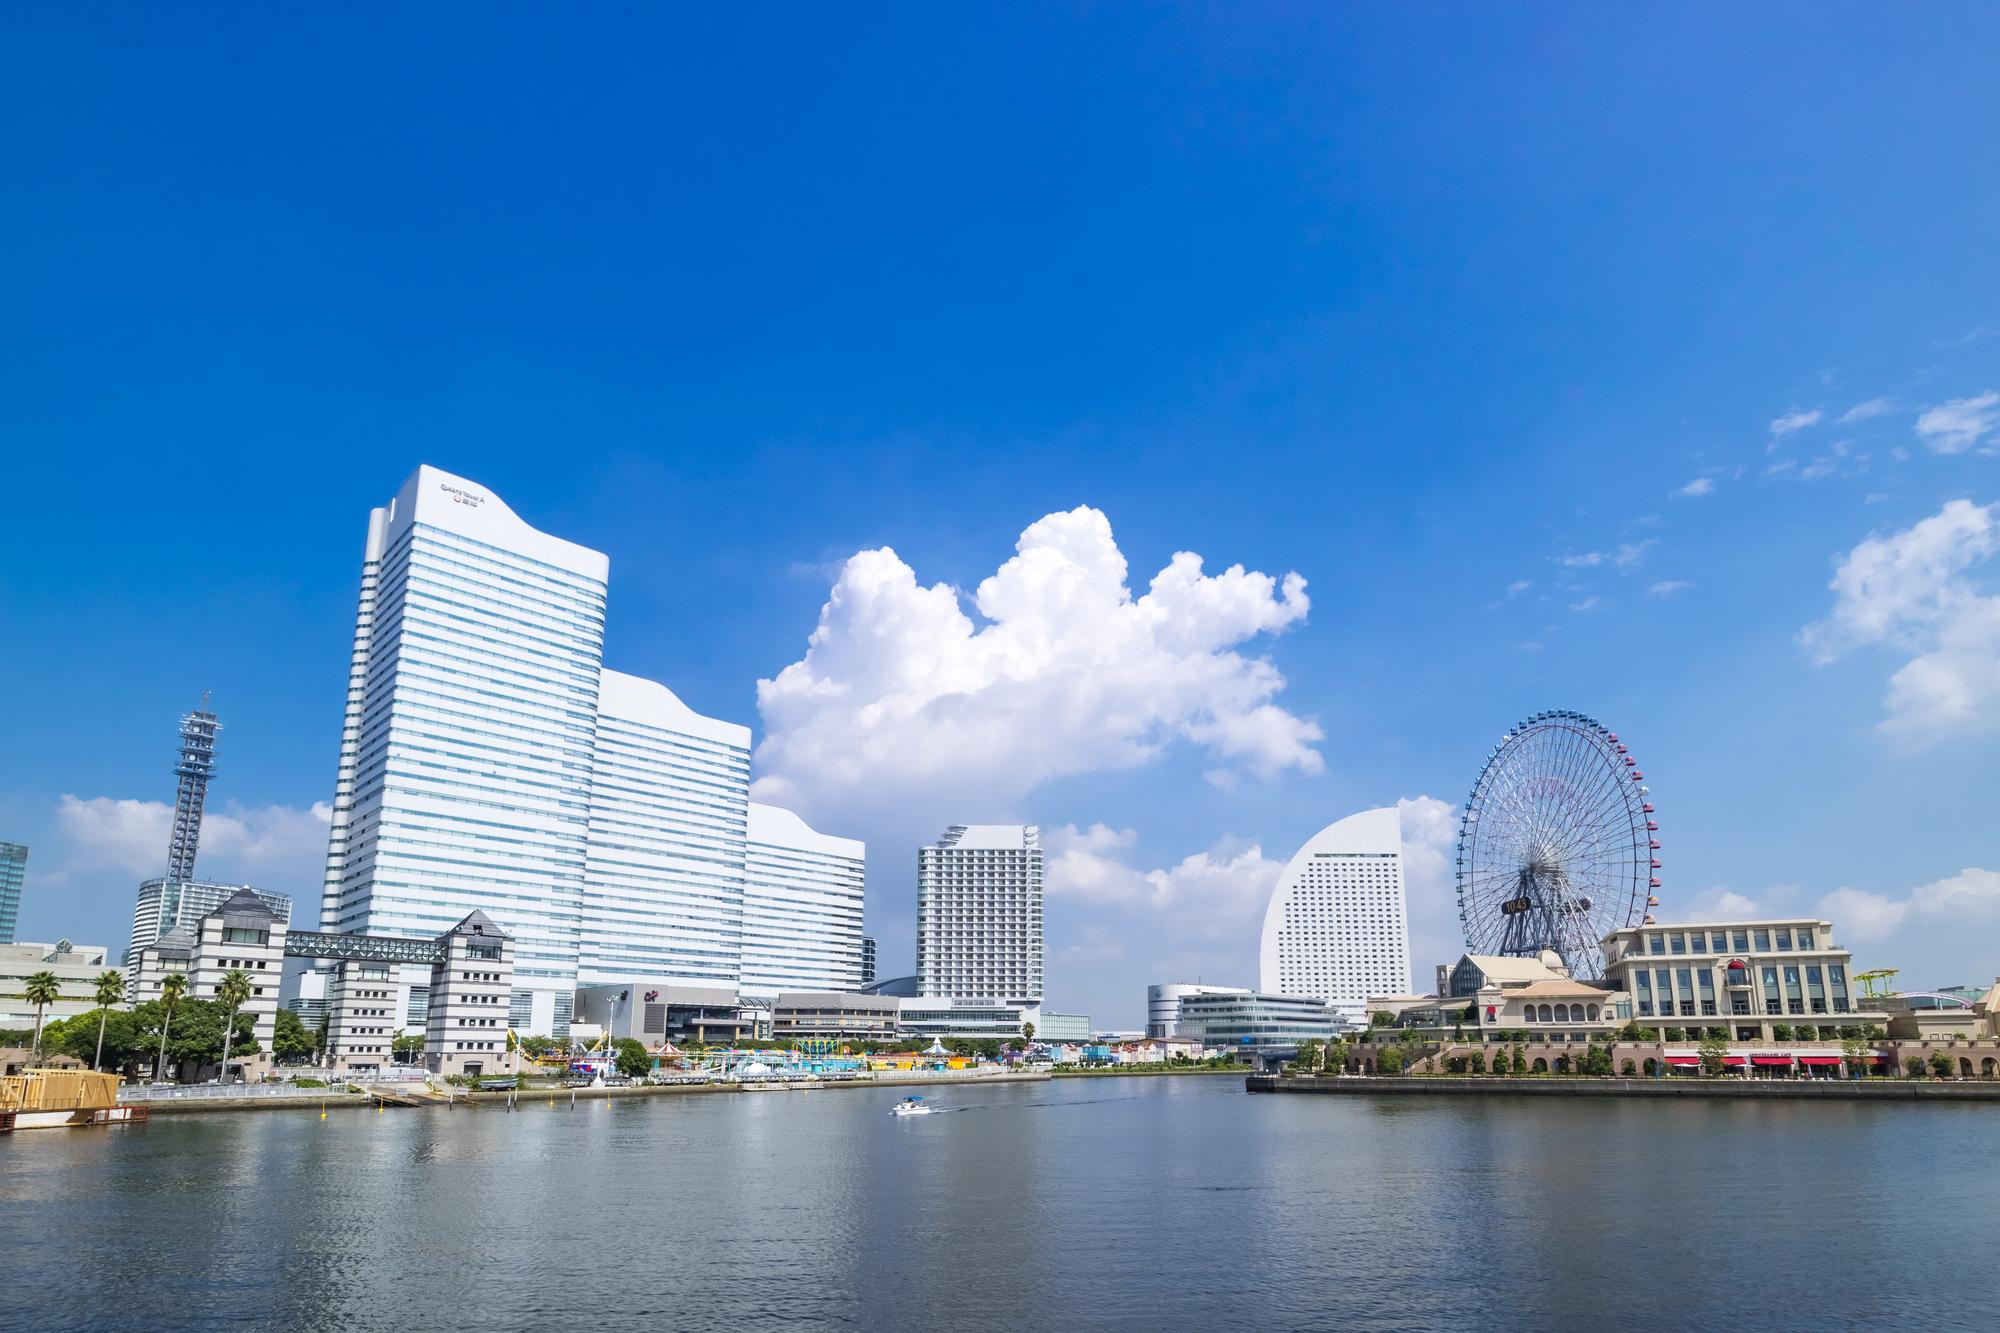 横浜の街並みとランドマークタワー